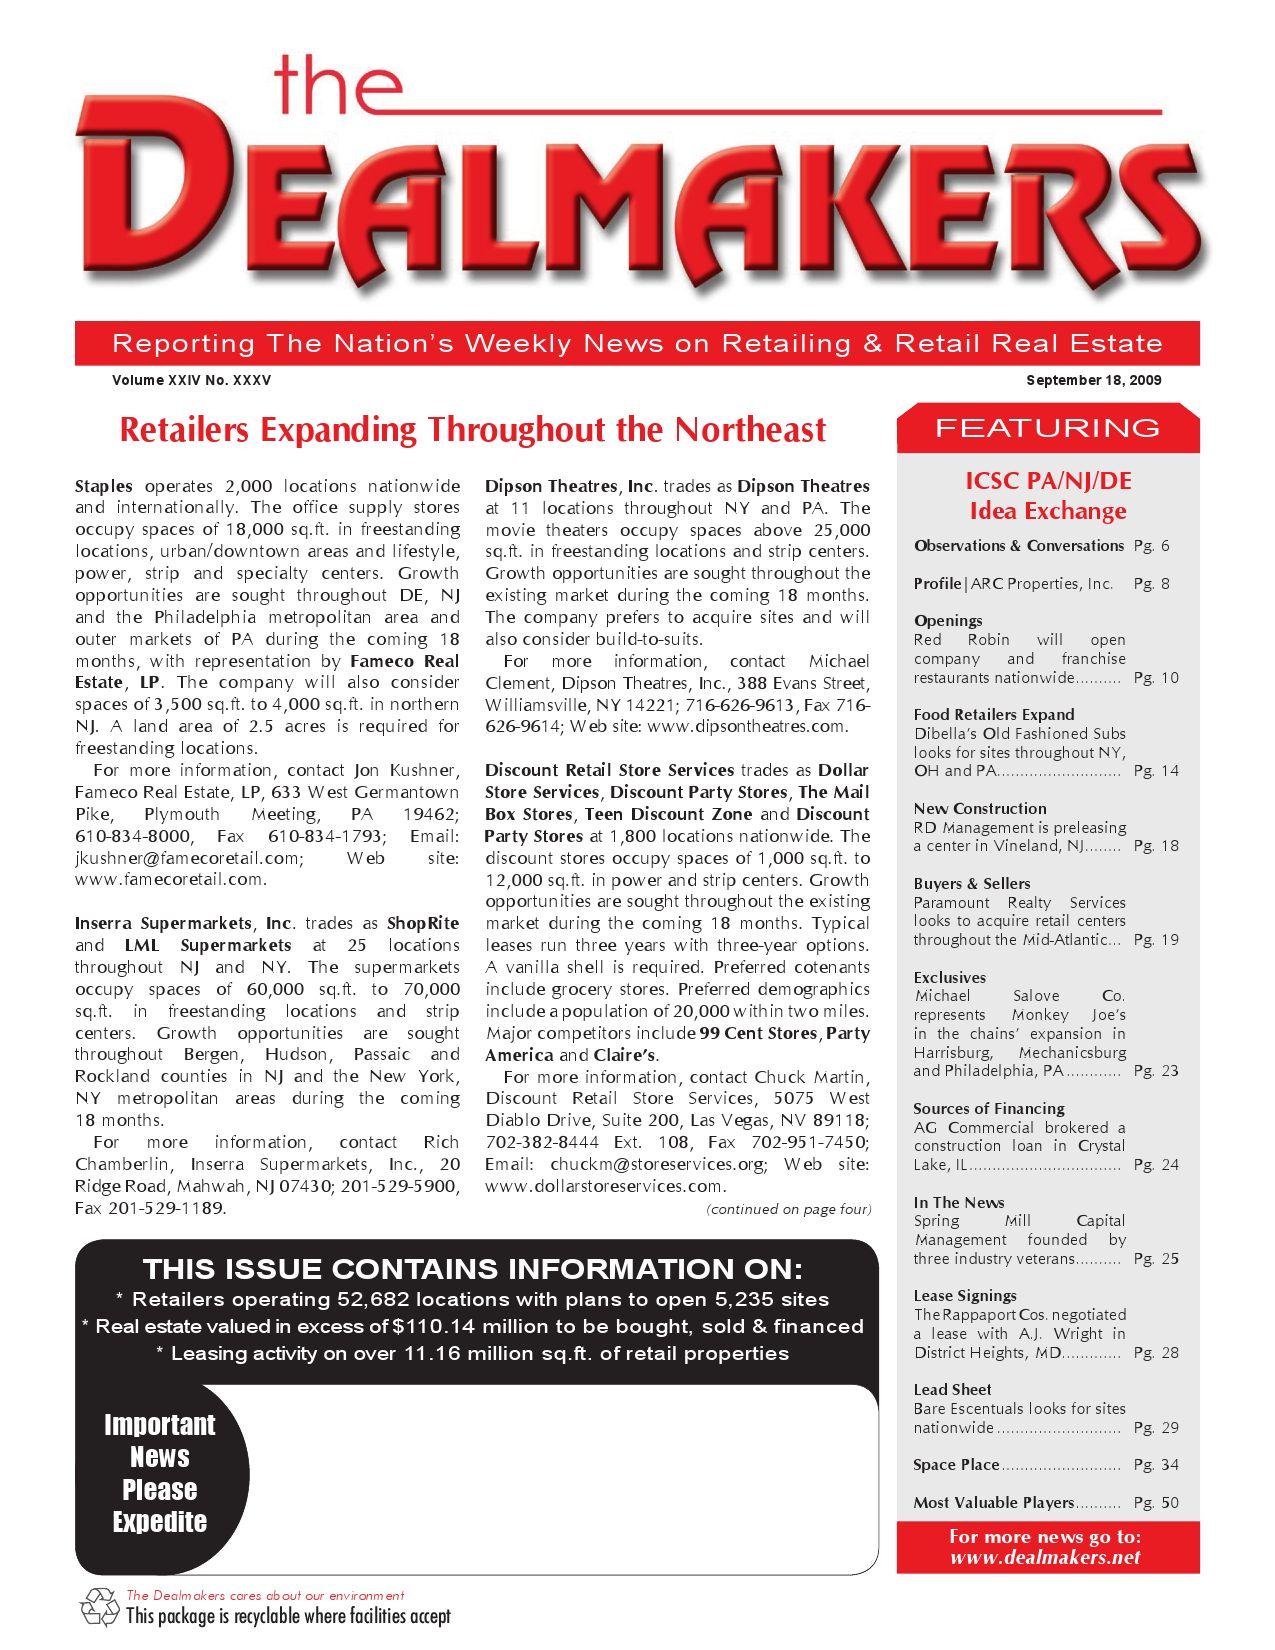 dealmakers magazine september 18 2009 cafe lighting 16400 natural linen hanover